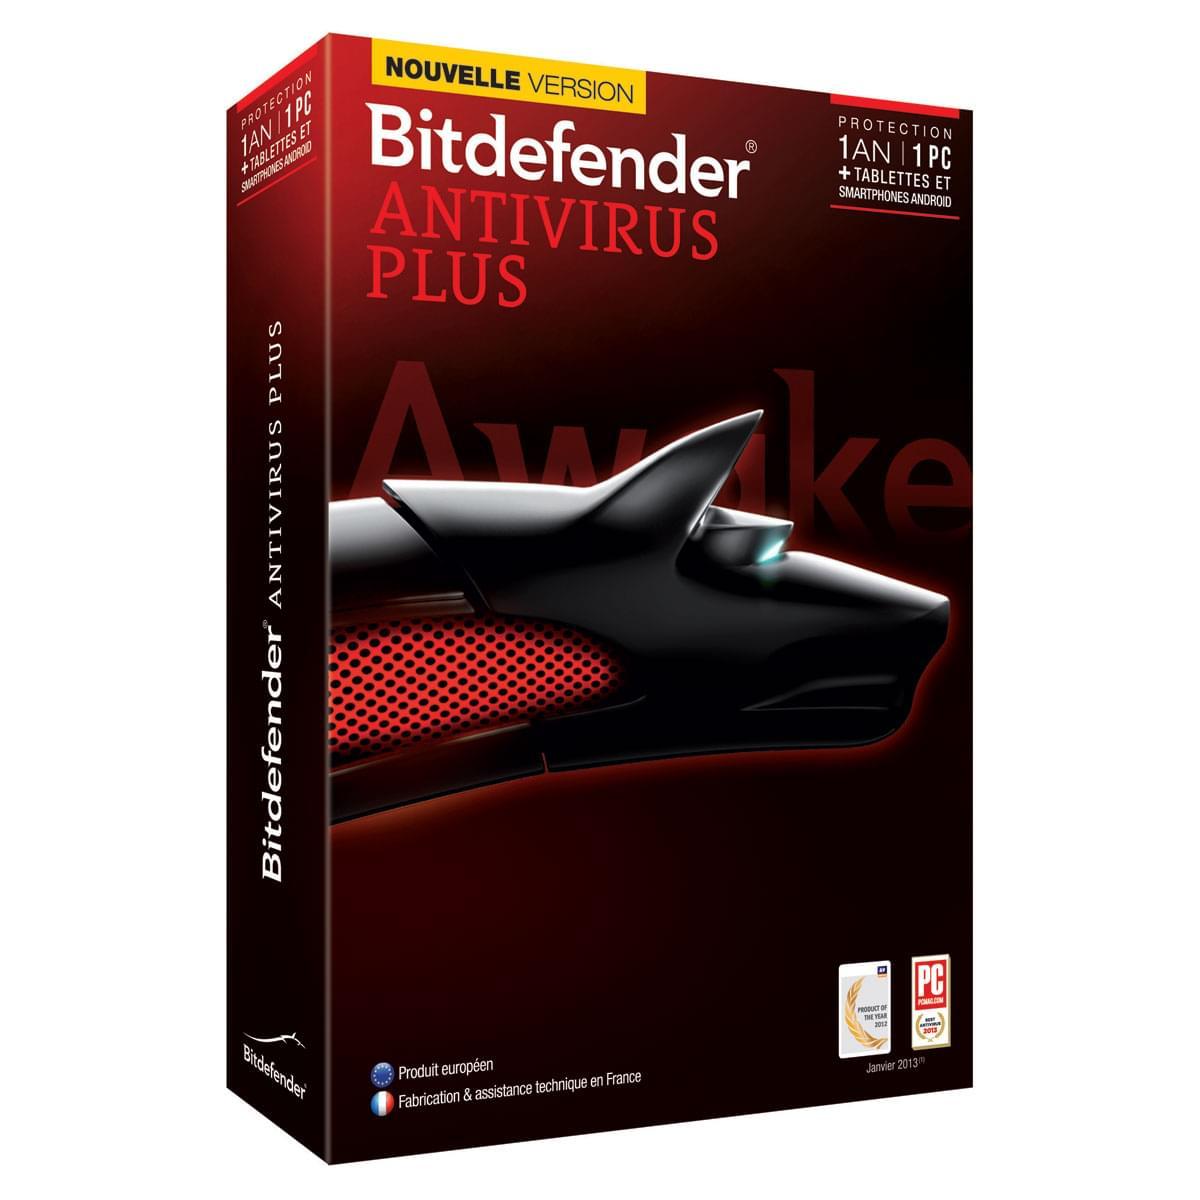 Bitdefender Antivirus Plus 2014 (B-FBDAVP4X1P001) - Achat / Vente Logiciel sécurité sur Cybertek.fr - 0